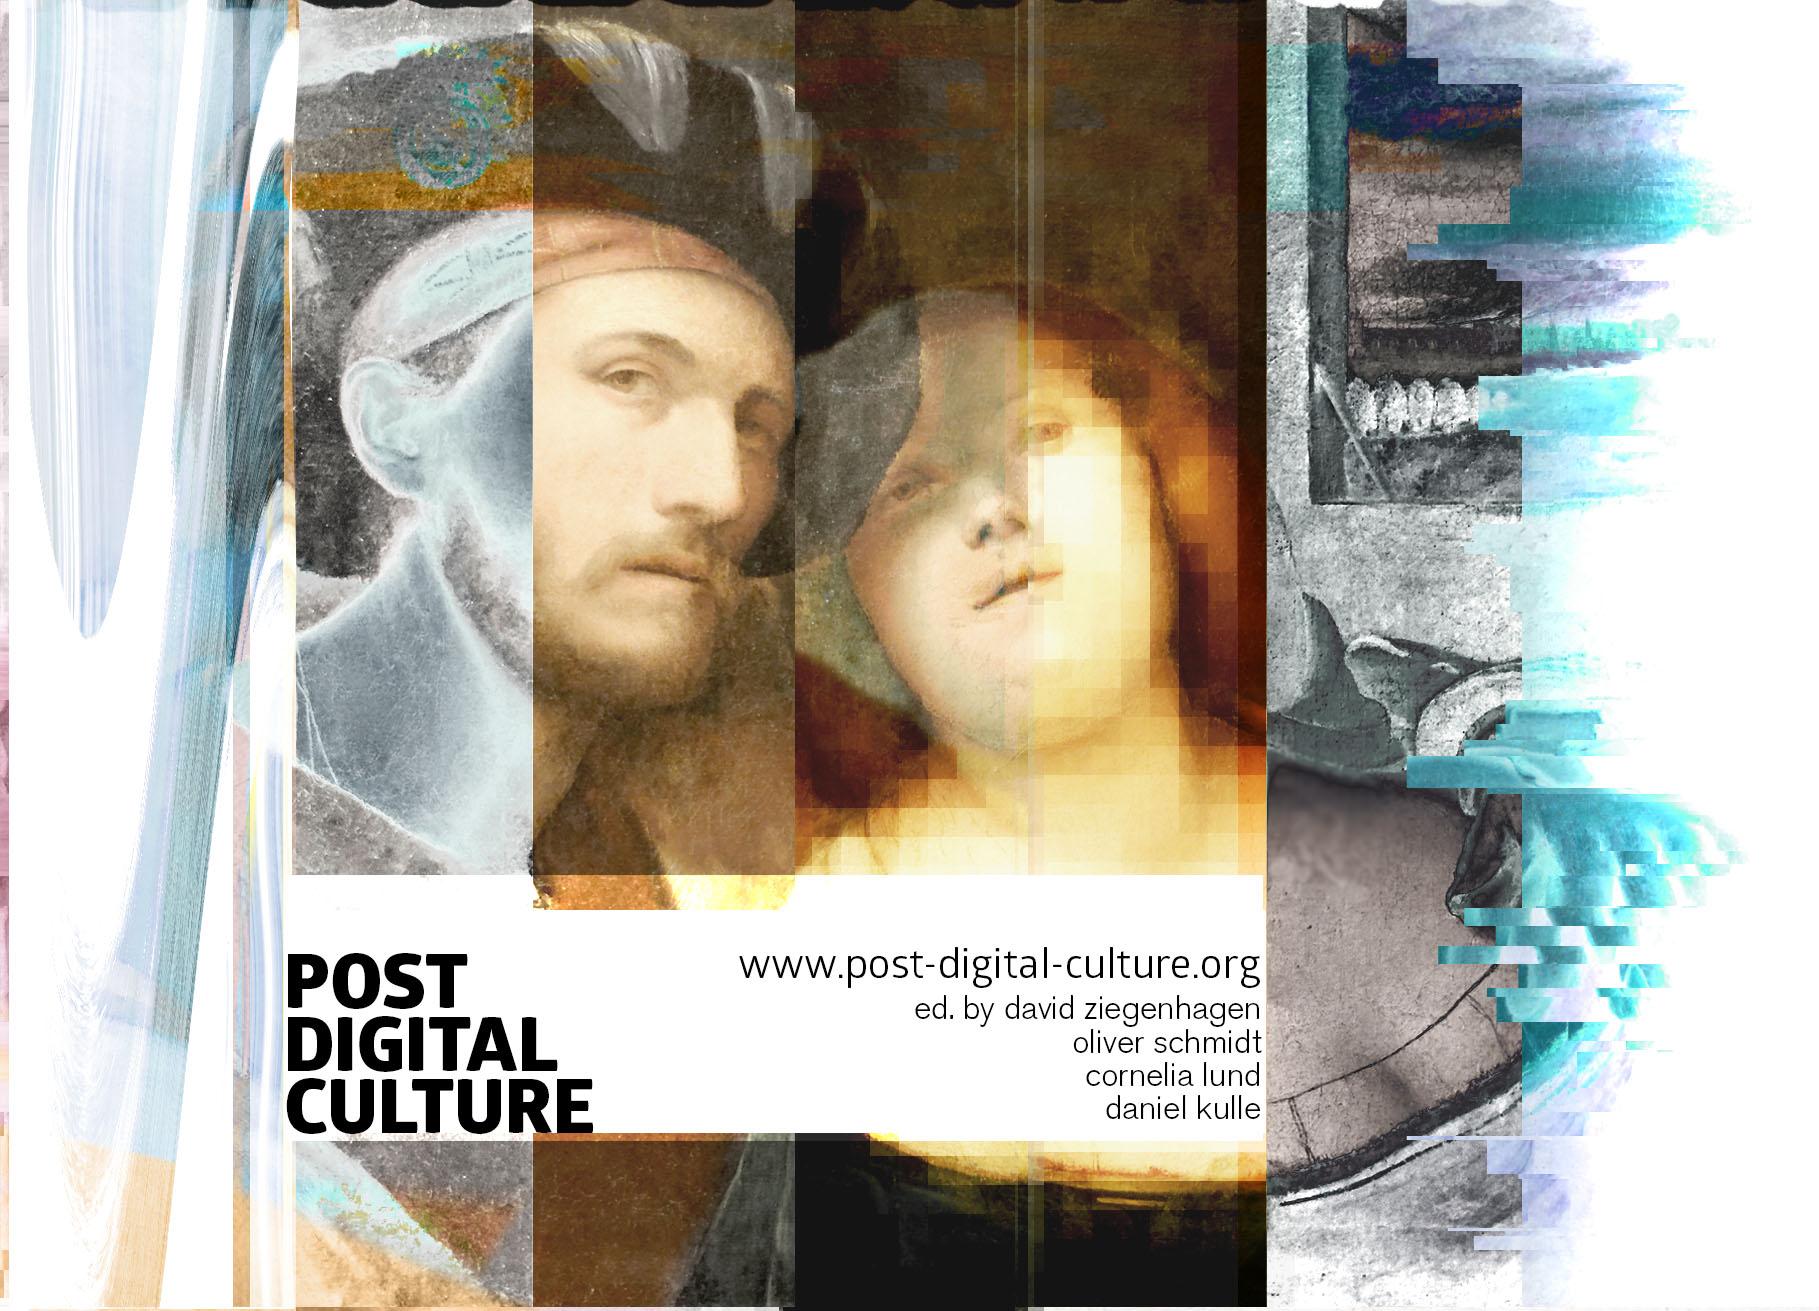 Postkarte Postdigitalitaet (2)